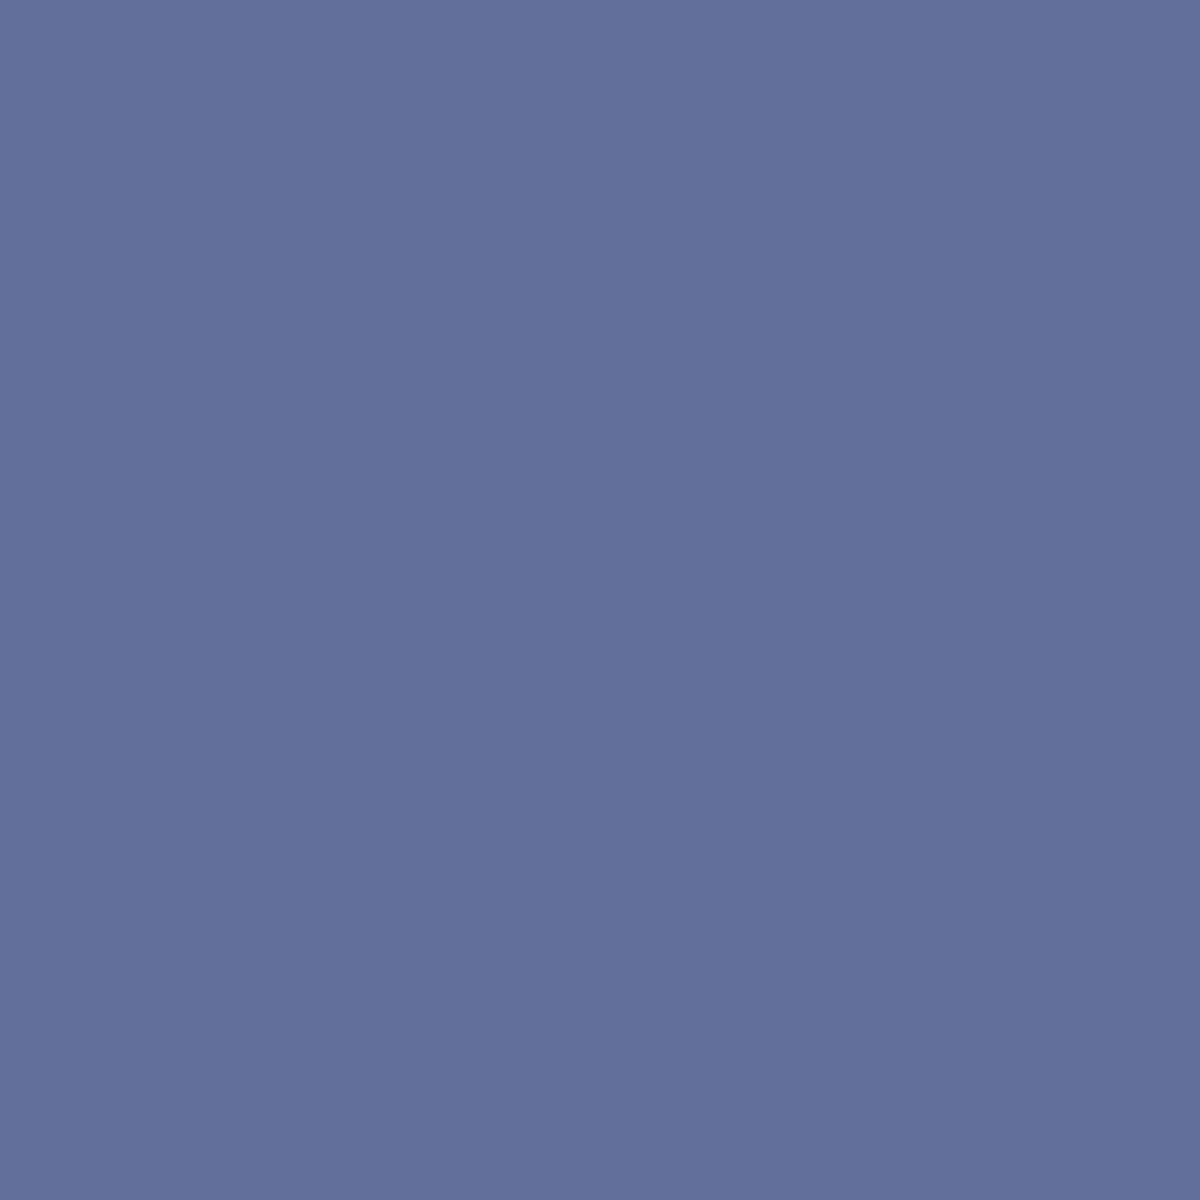 Riley Blake, Confetti Solid Coastal Blue 2019 BOM